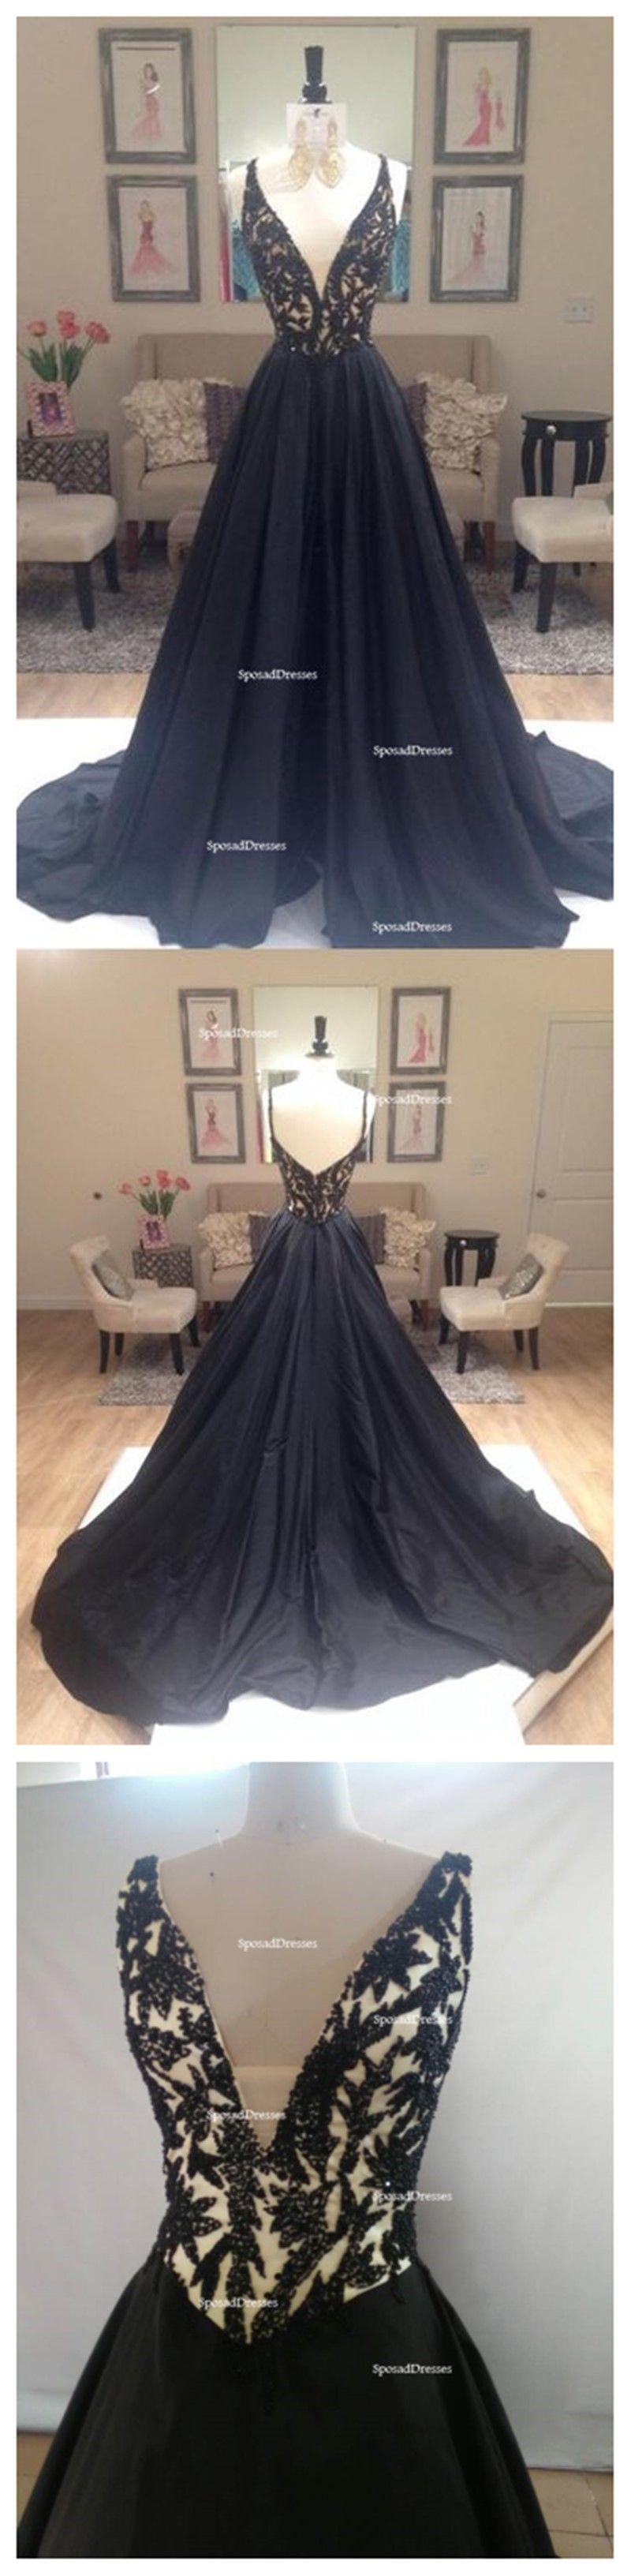 Black aline elegant deep vneck prom dresses black long evening